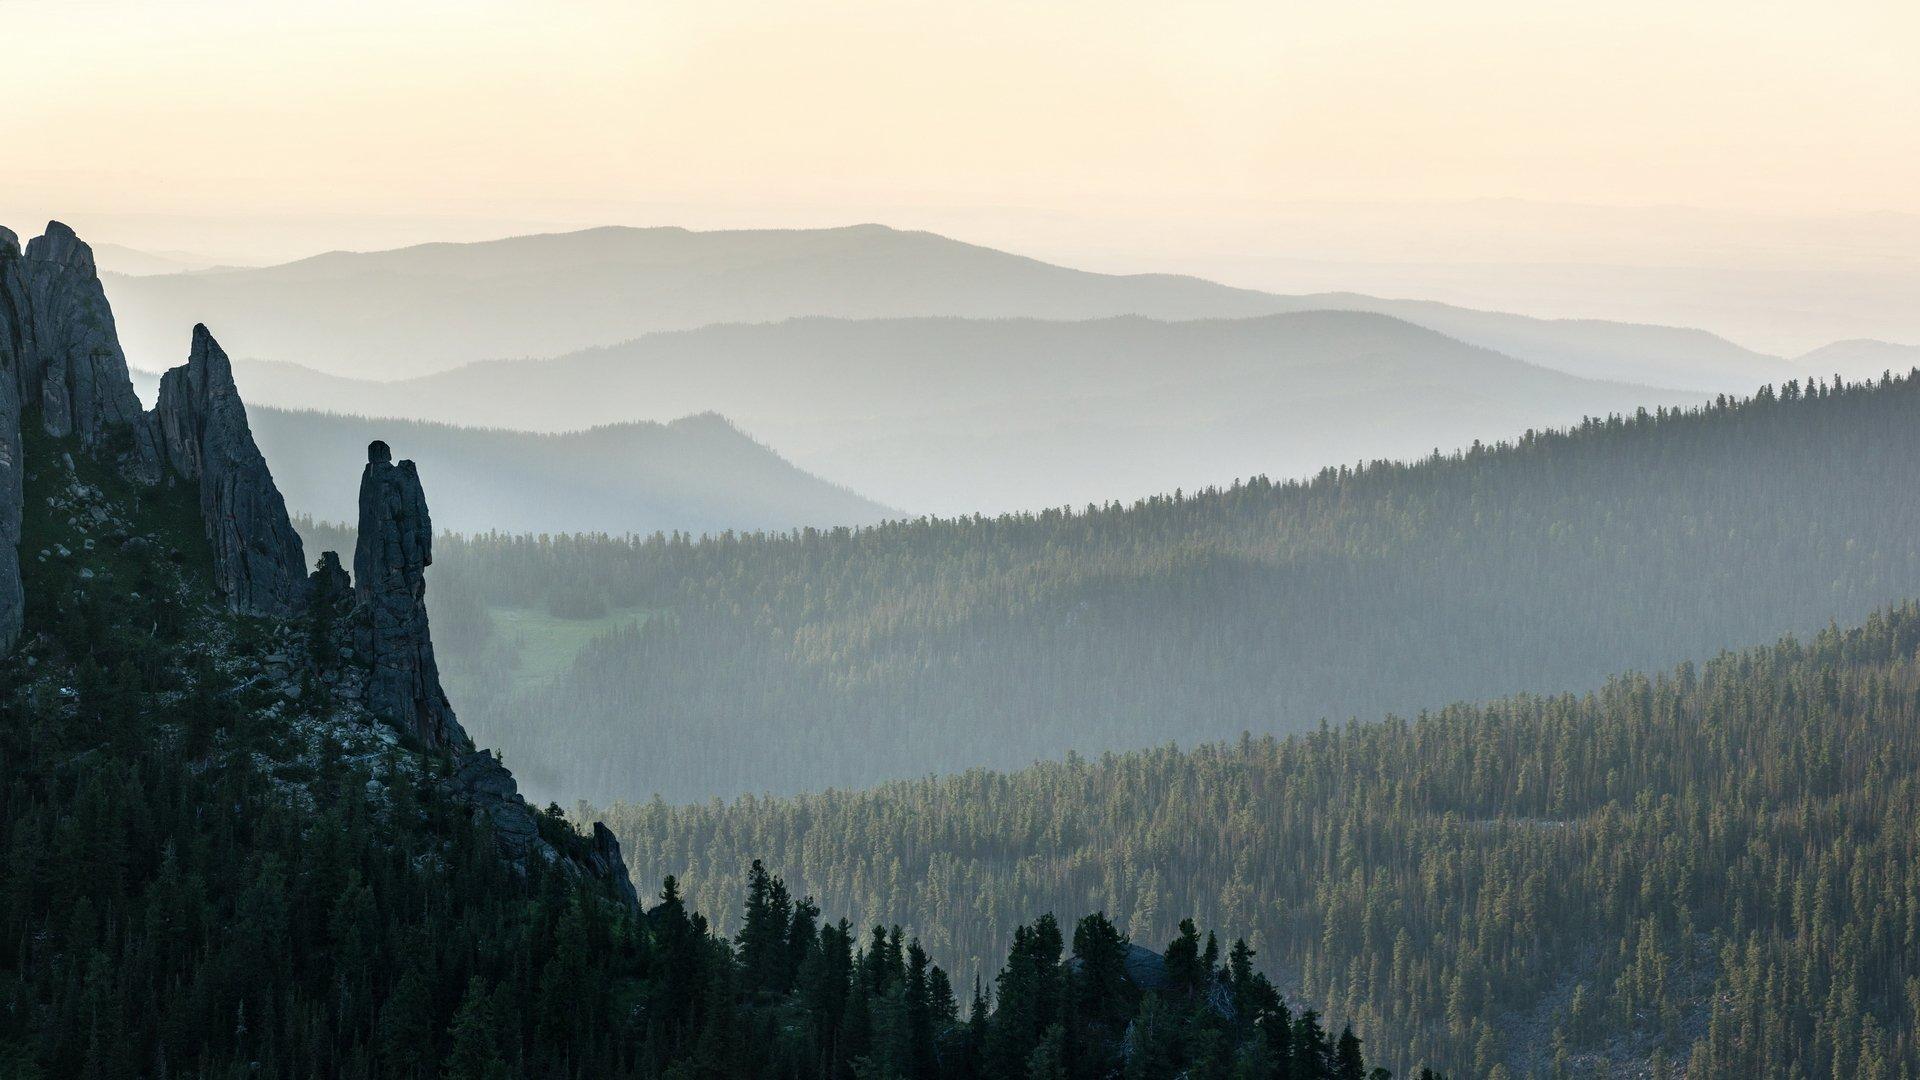 горы, сибирь, саяны, западный саян, ергаки, каменный замок, скала, ангел, вечер, Ник Васильев